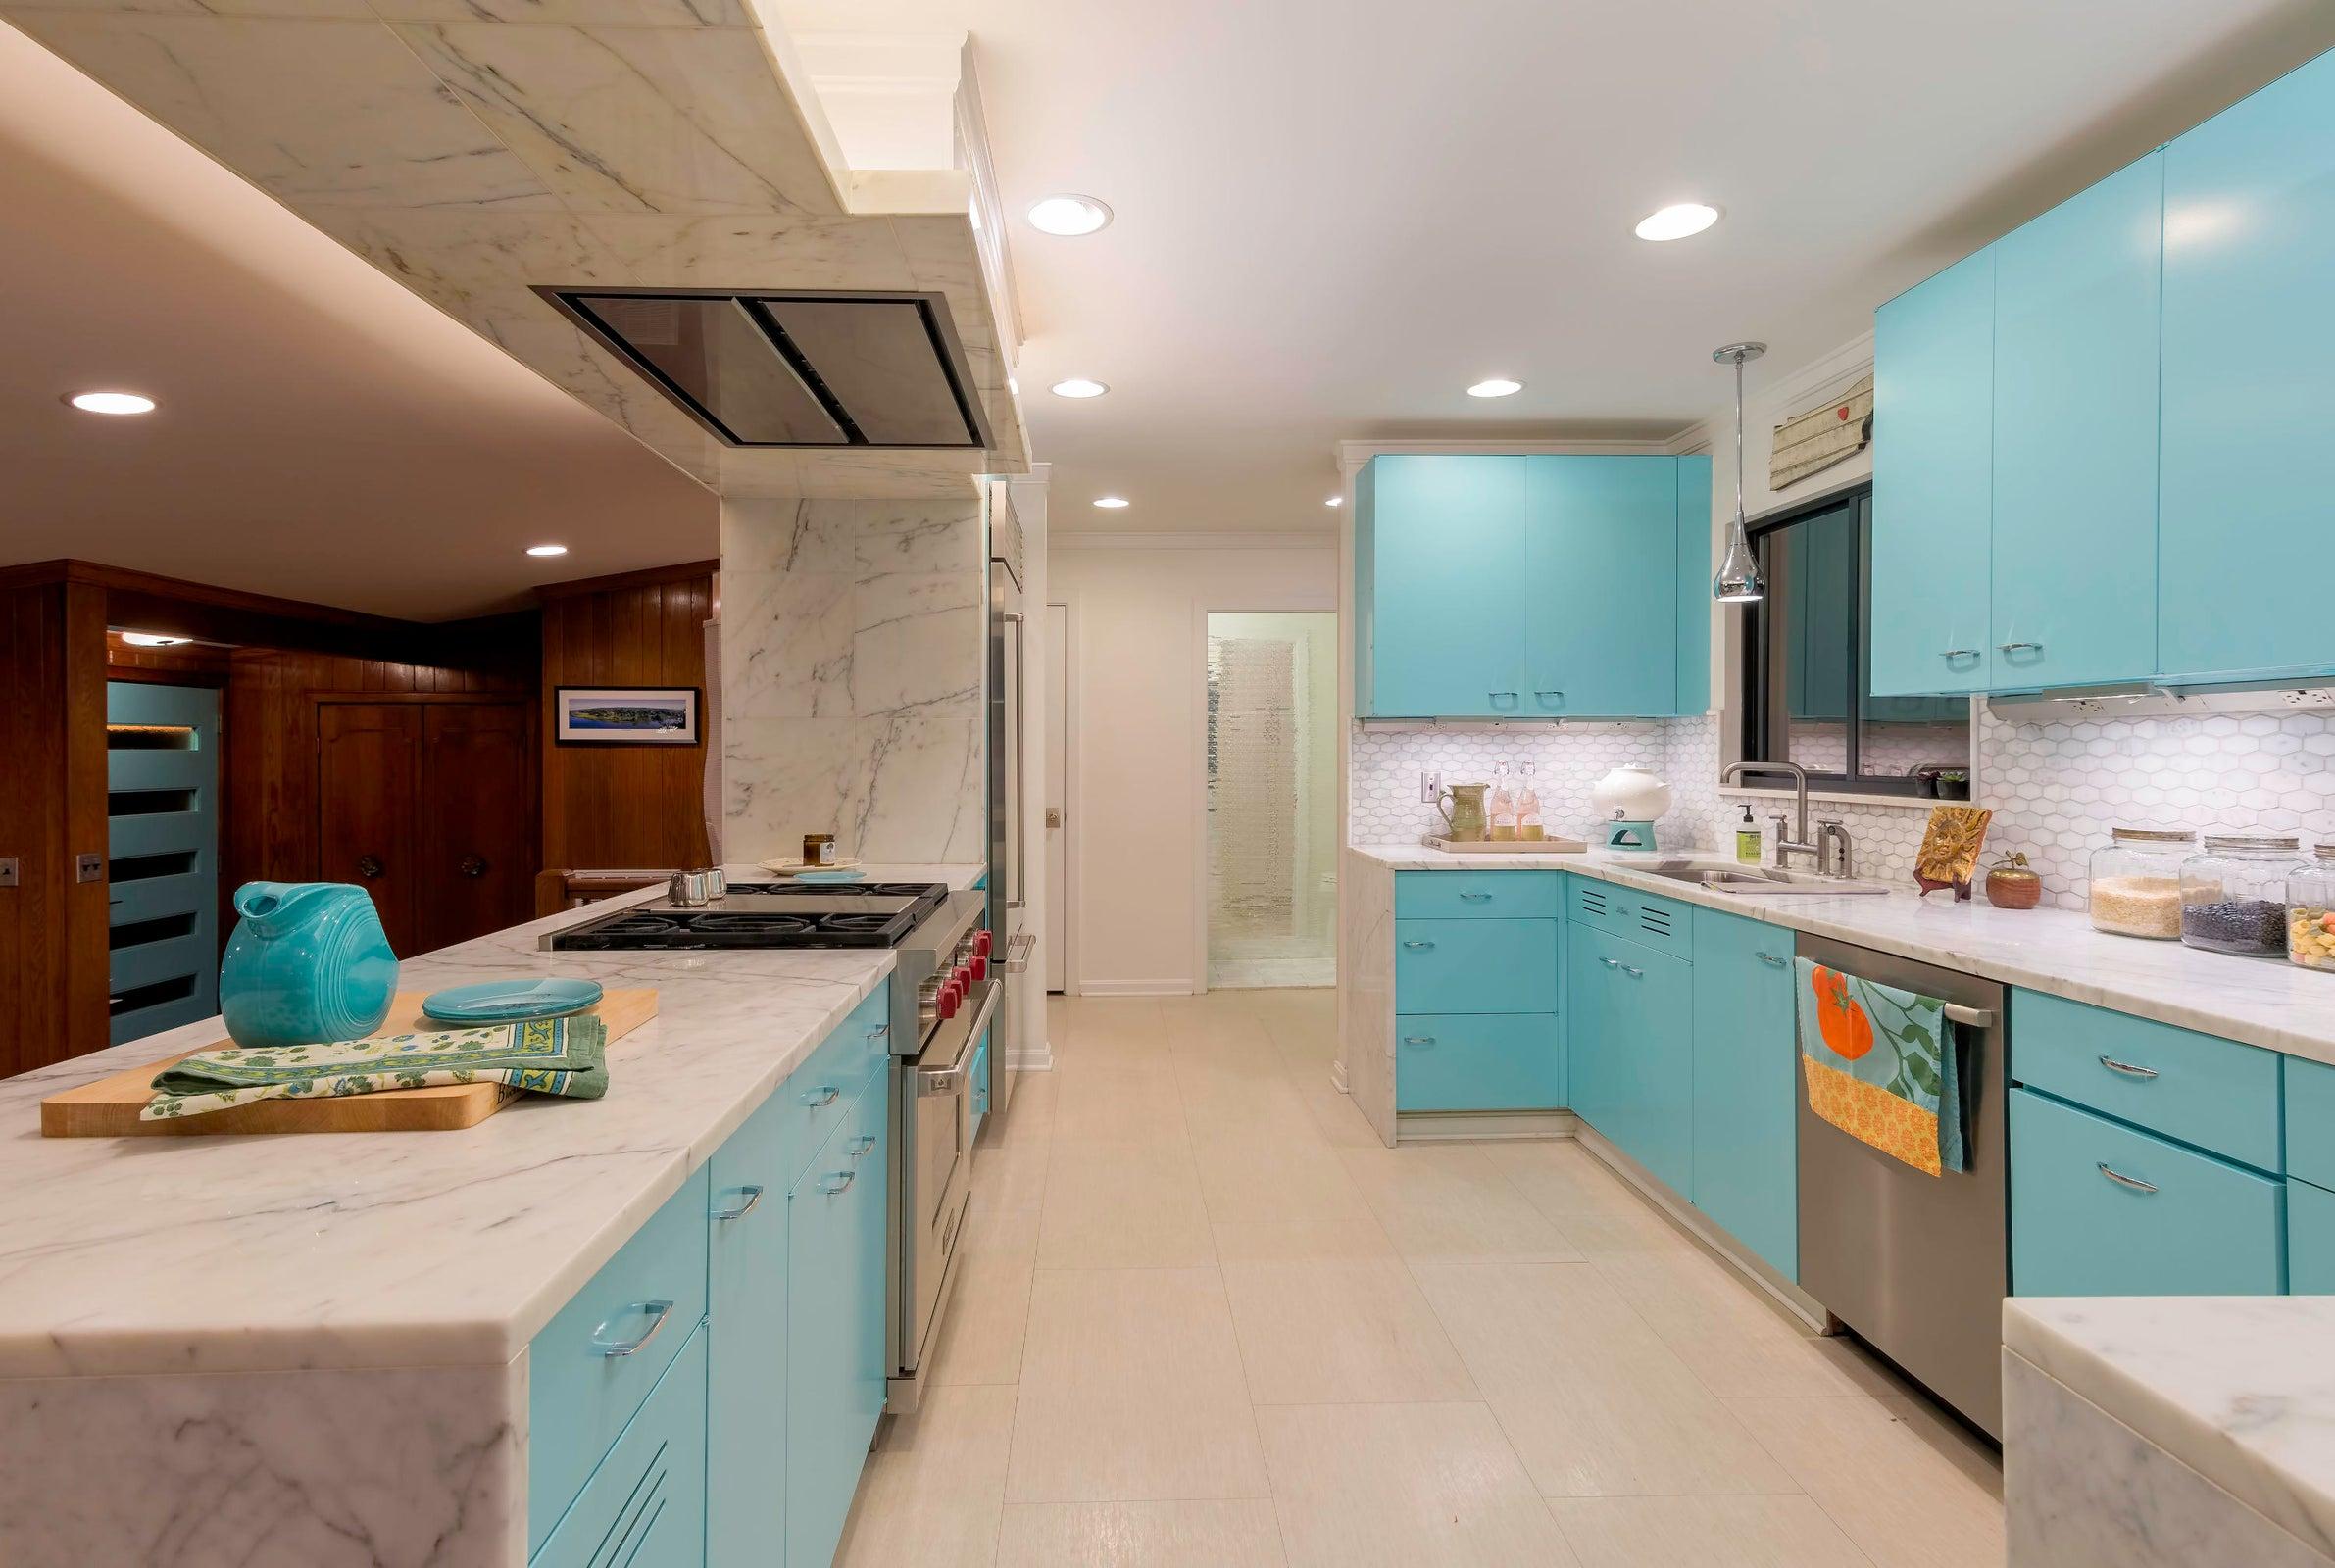 DSC_2255 - Kitchen